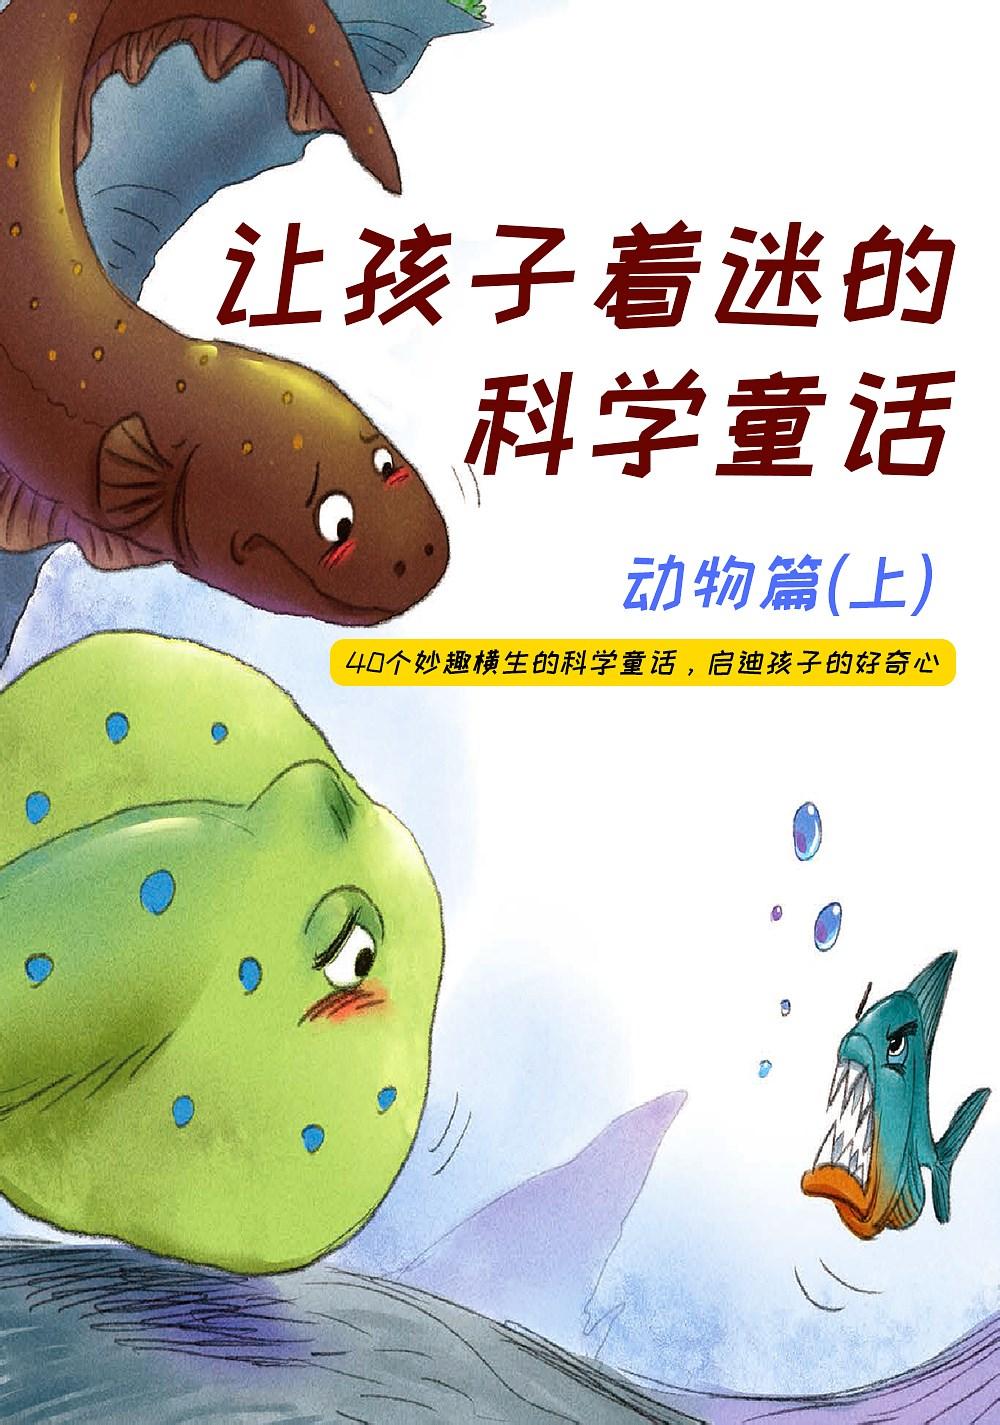 动物篇(上)专辑封面图图片尺寸:1000x1425px.jpg